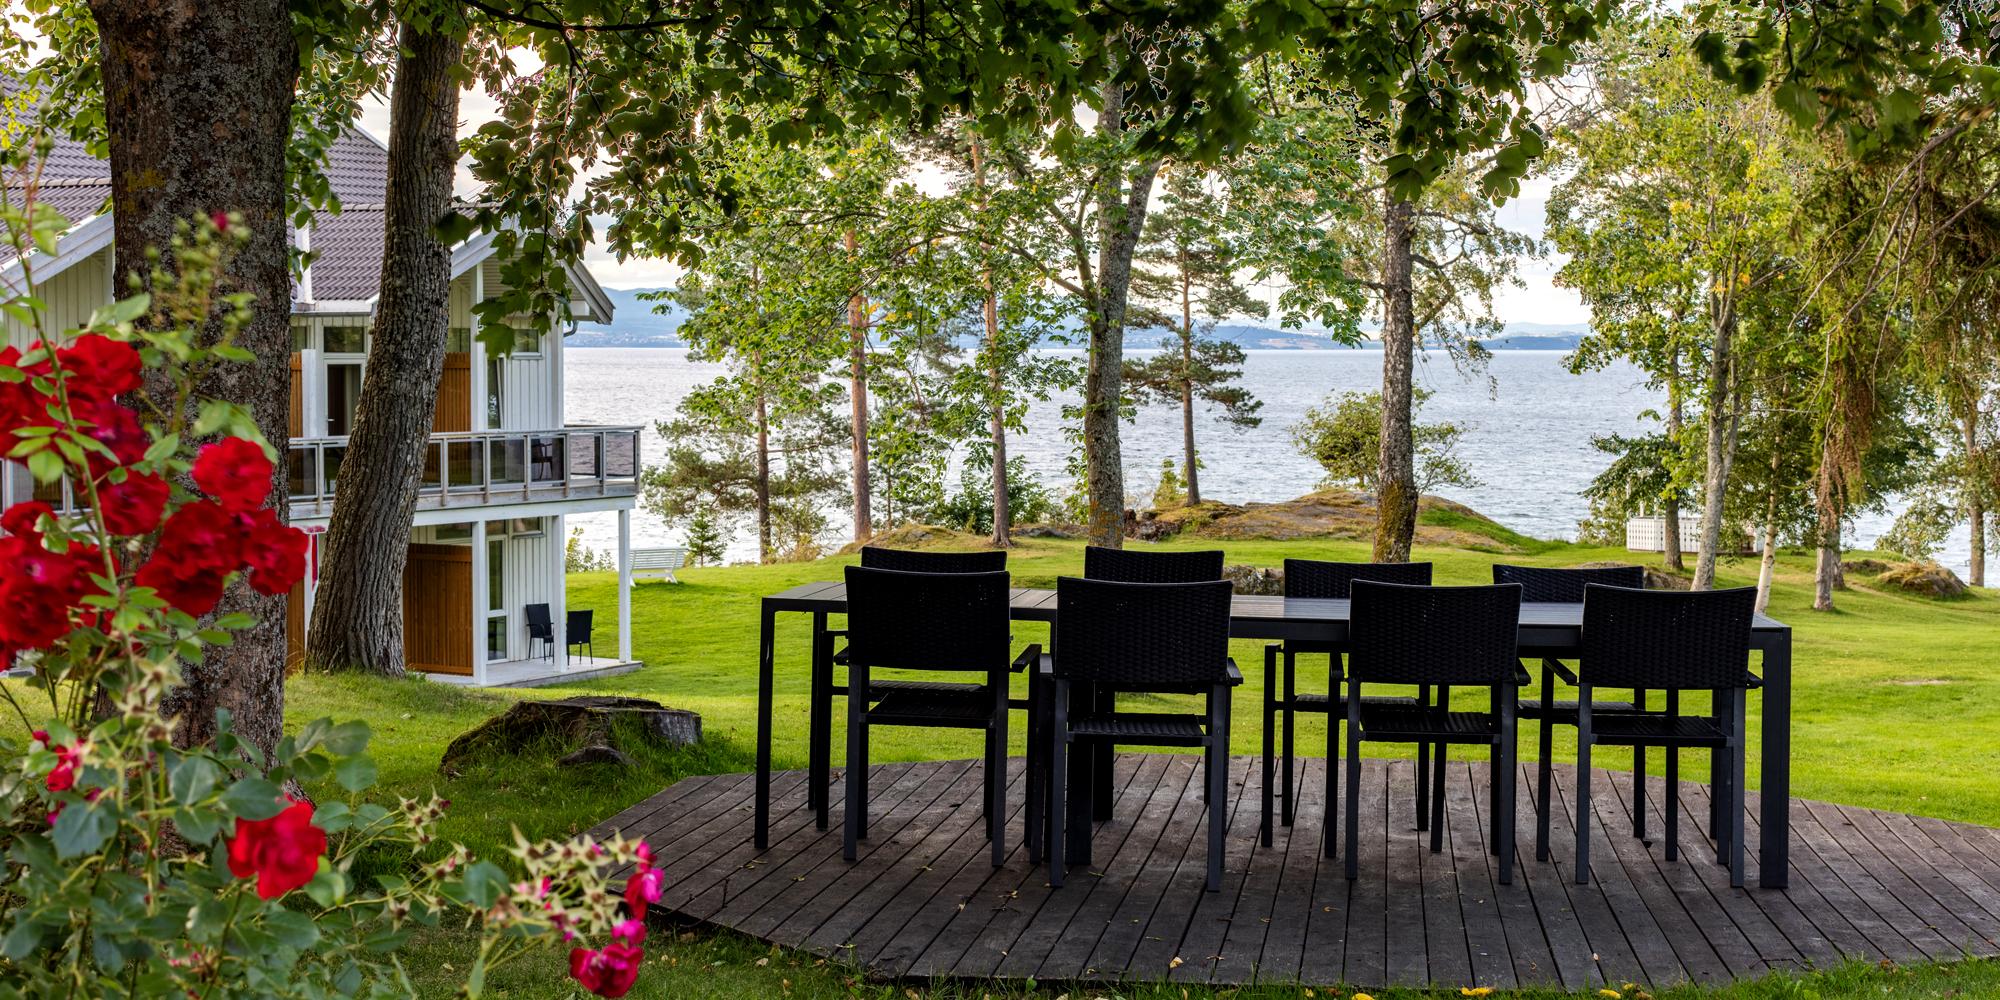 Jægtvolden Fjordhotell - in the garden. Copyright: Jægtvolden Fjordhotell